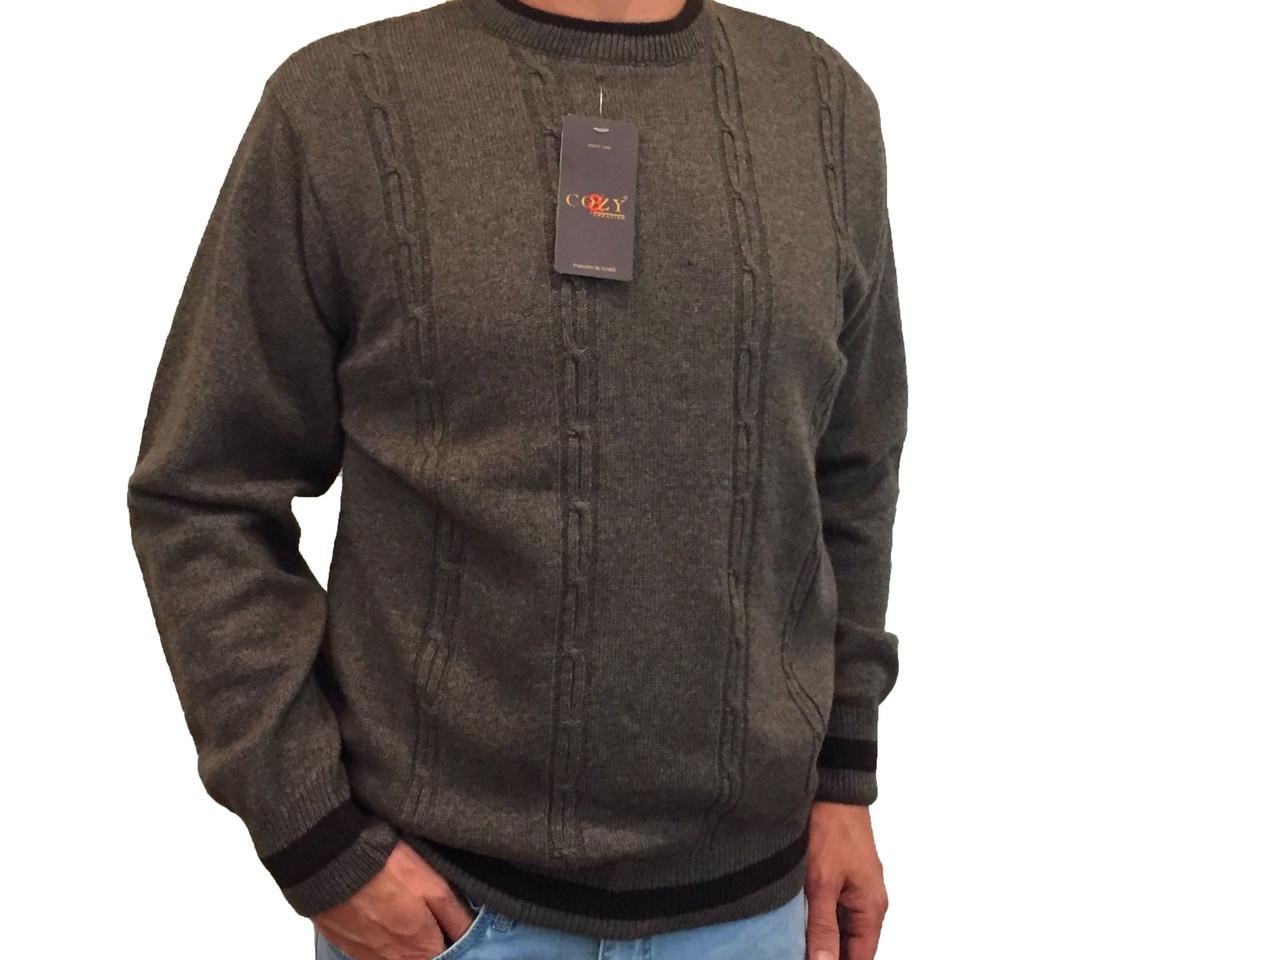 Мужской теплый свитер № 1620  коричневый с косичками